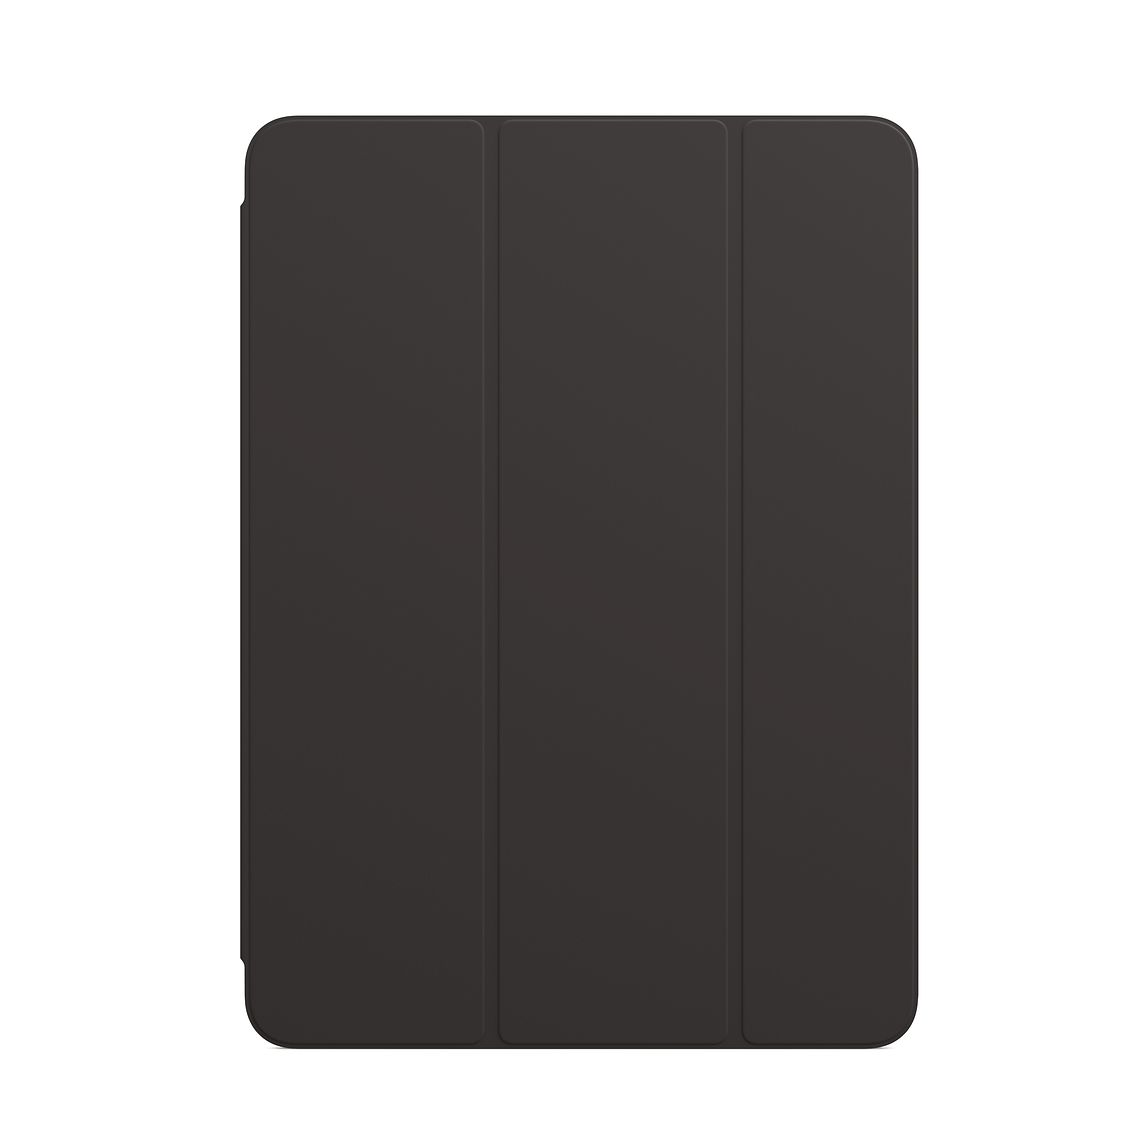 Apple 2020 Smart Folio 태블릿PC 케이스, Black(MH0D3FE/A)